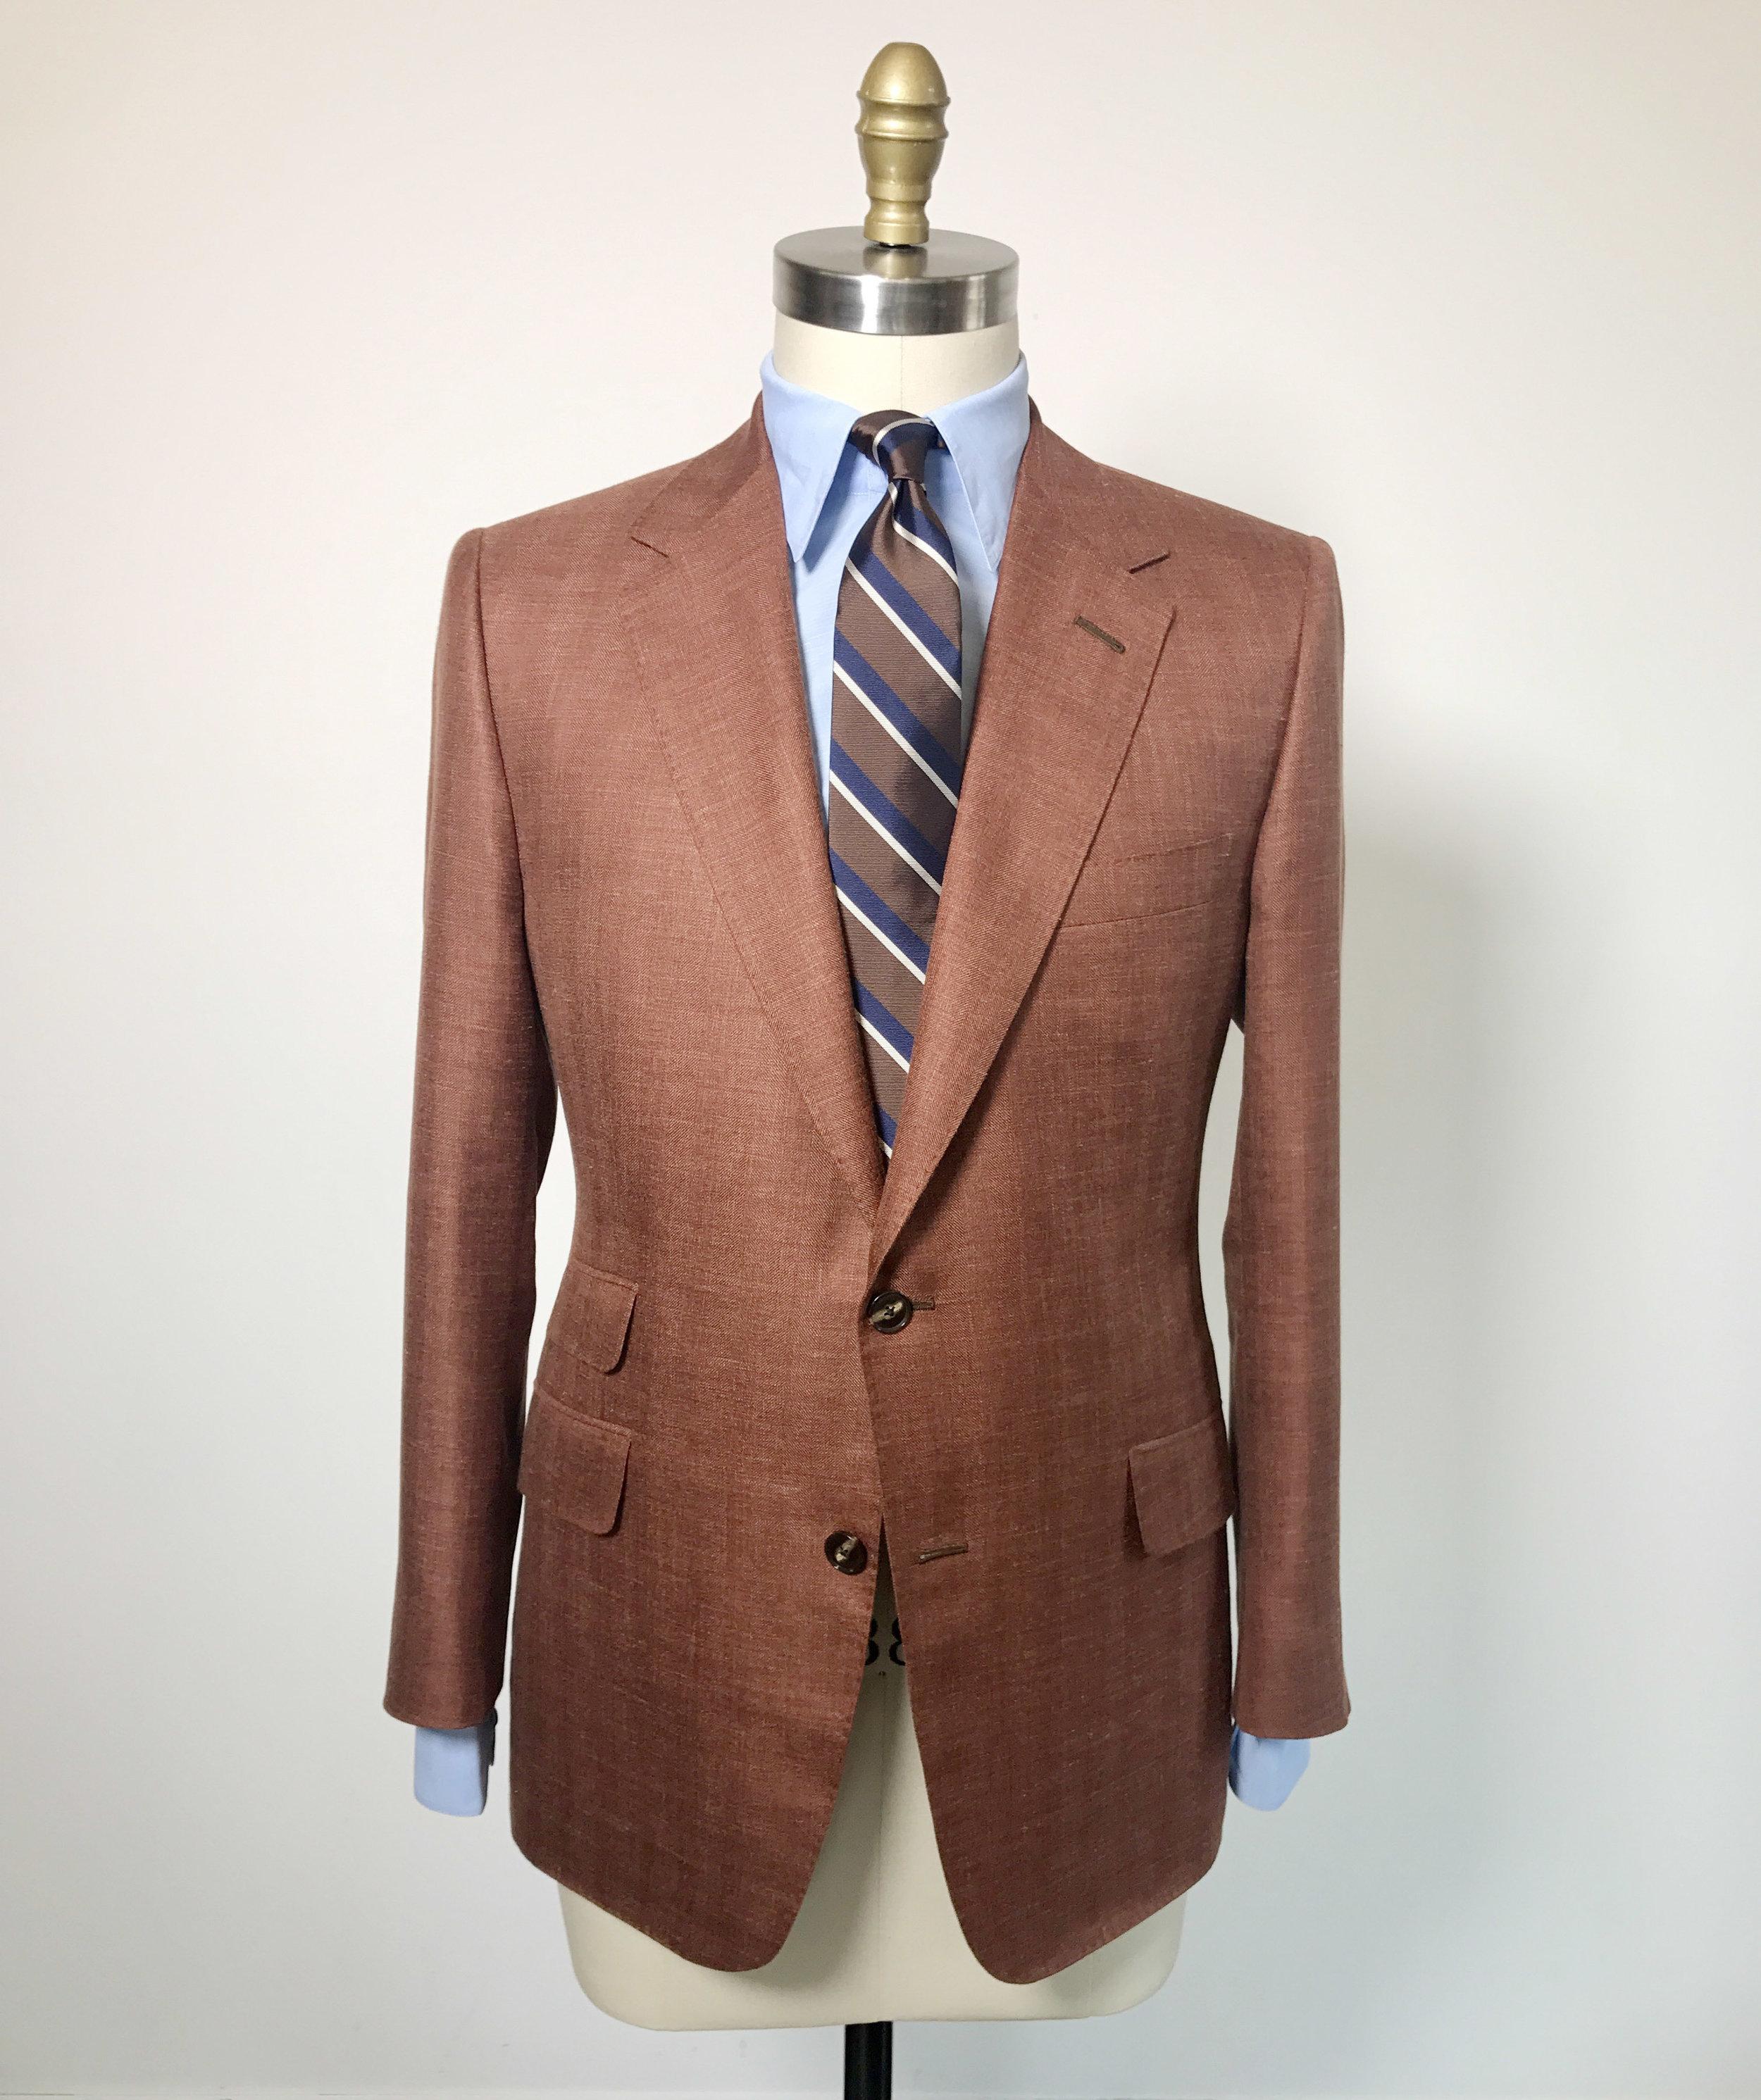 Red brown suit jacket.jpg